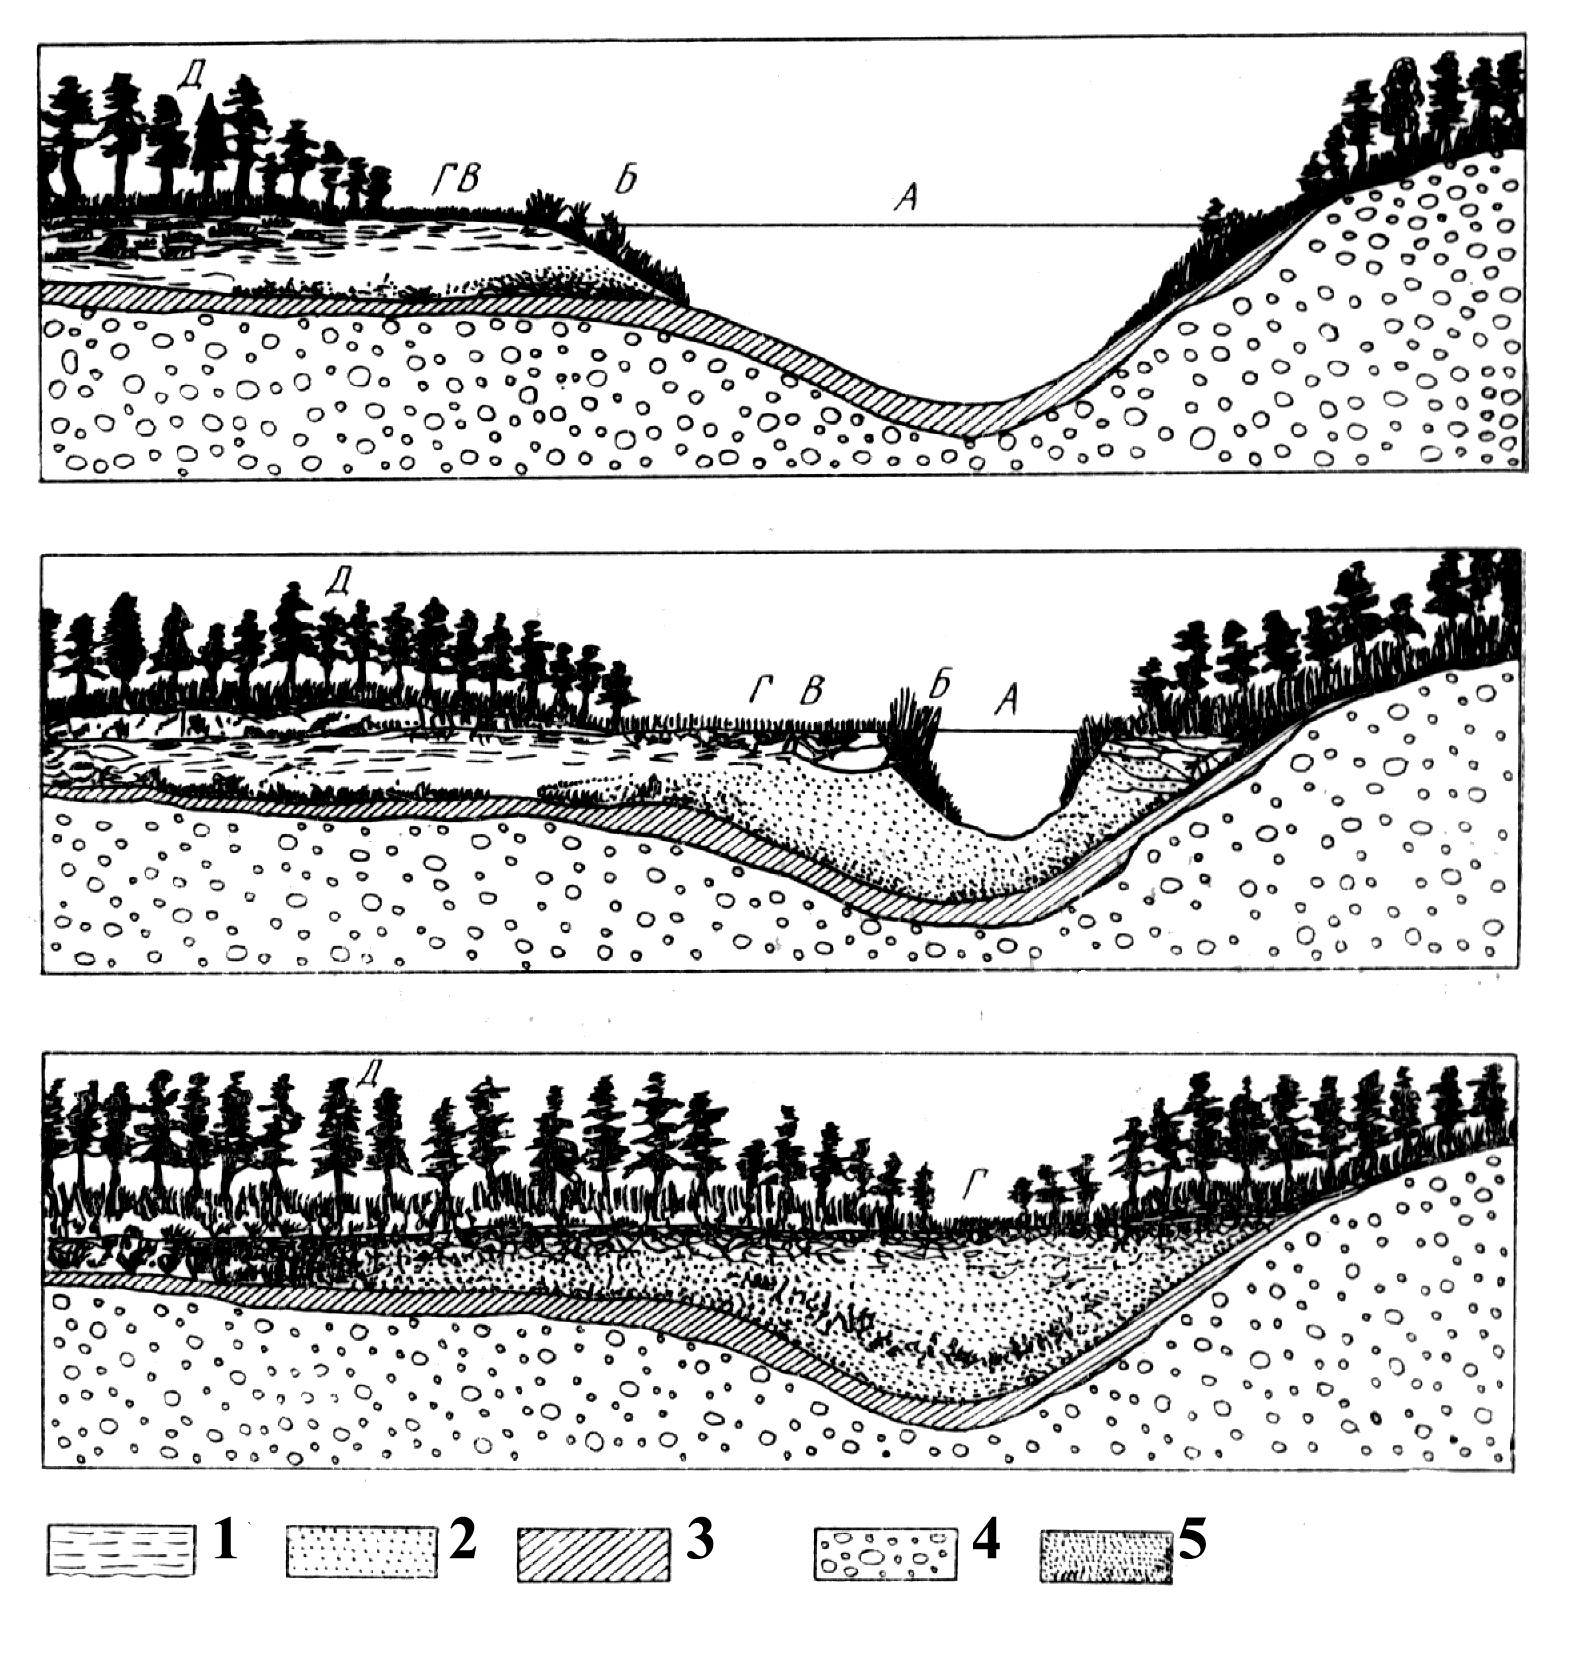 выборе термобелья болота и их геологическая роль лучше всех